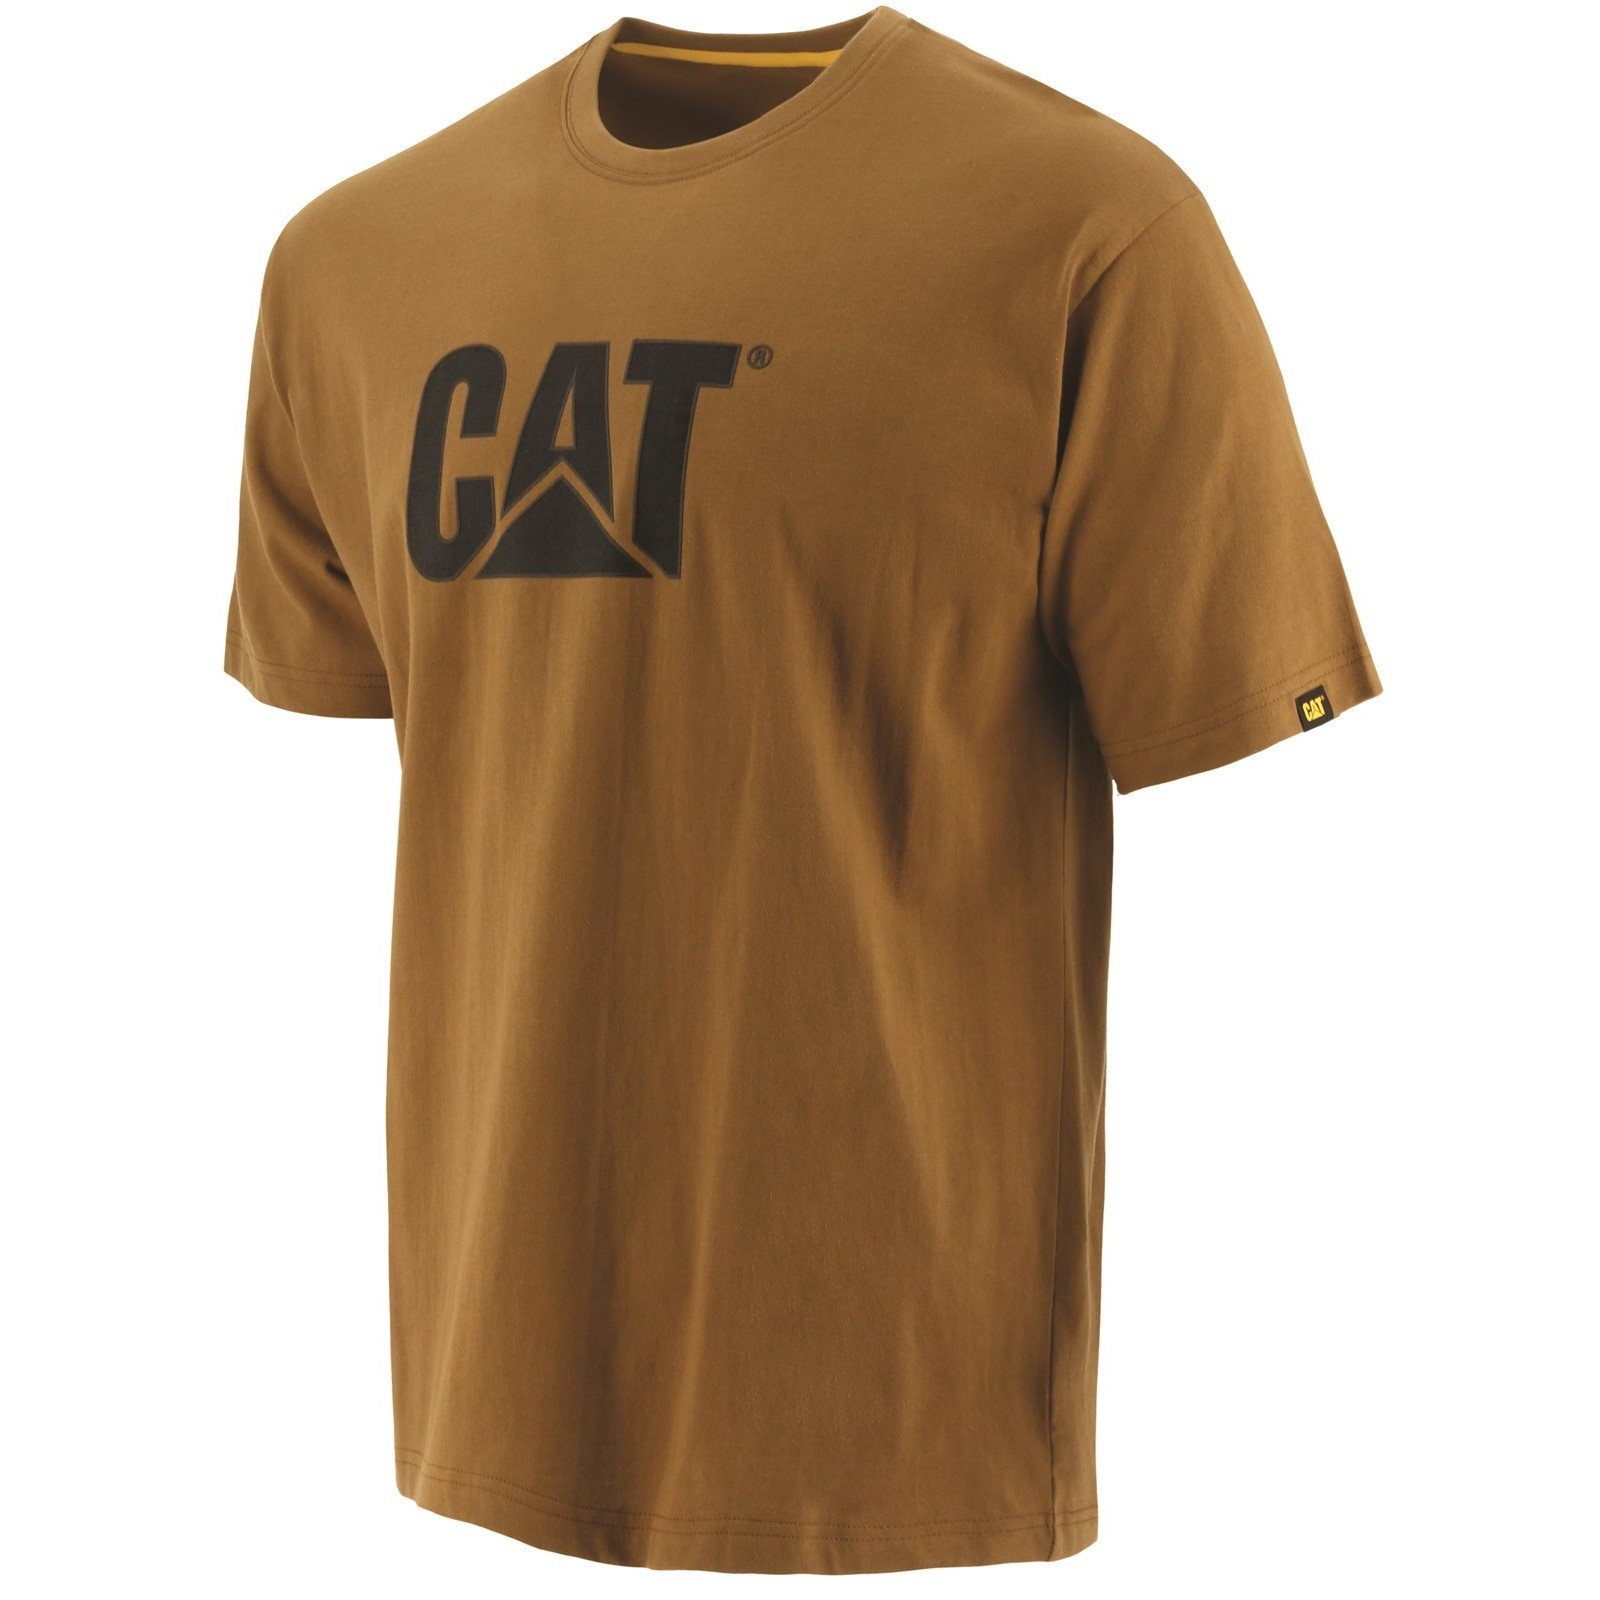 Caterpillar Men's Trademark Logo T-Shirt Various Colours 25301-42086 - Bronze 3X